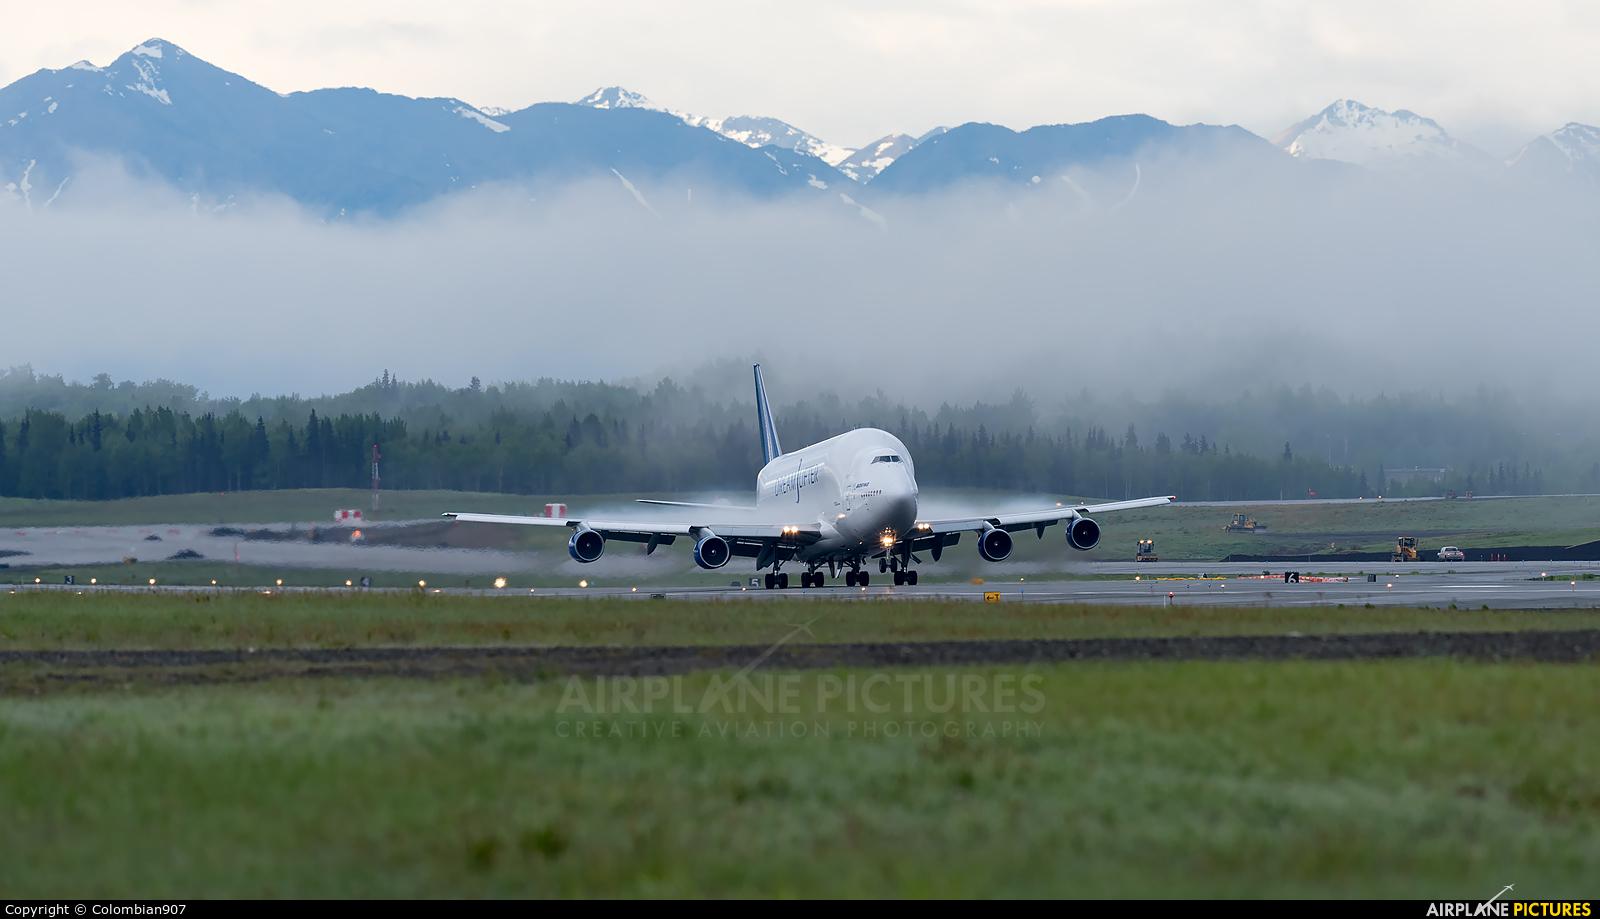 Boeing Company N747BC aircraft at Anchorage - Ted Stevens Intl / Kulis Air National Guard Base